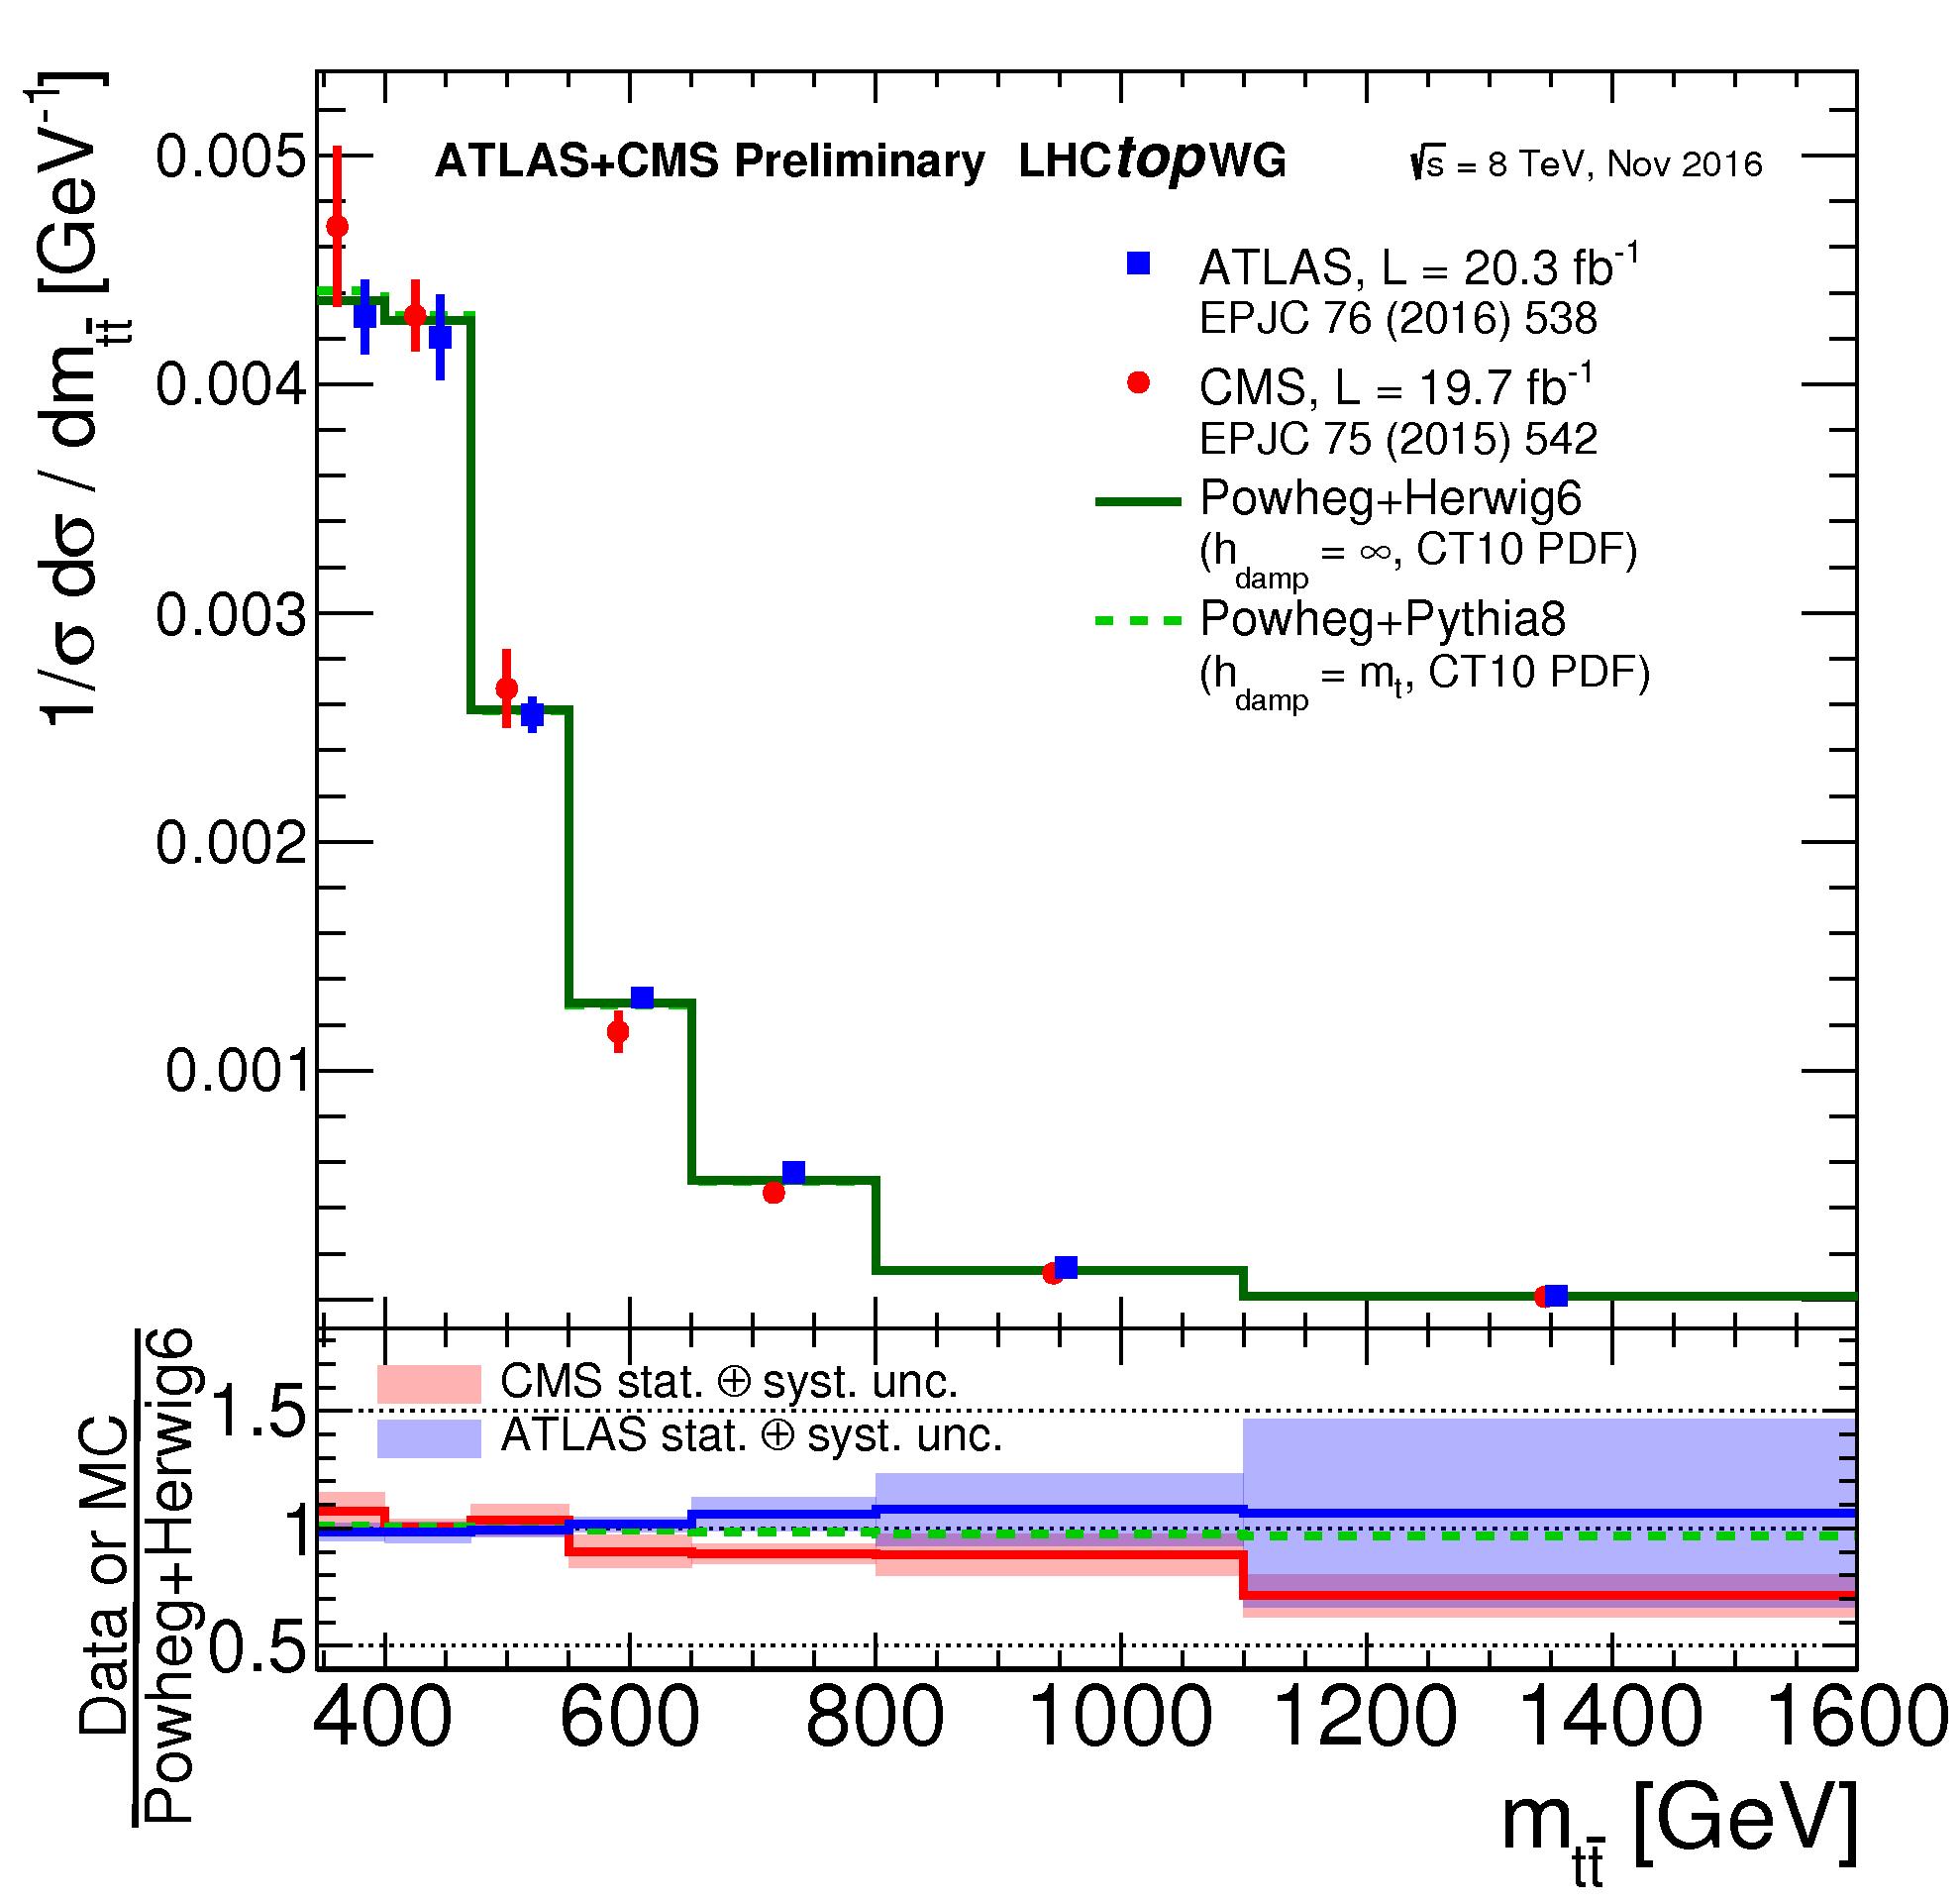 https://atlas.web.cern.ch/Atlas/GROUPS/PHYSICS/CombinedSummaryPlots/TOP/tt_xsec_diff_8TeV_mttbar_MC/tt_xsec_diff_8TeV_mttbar_MC.png